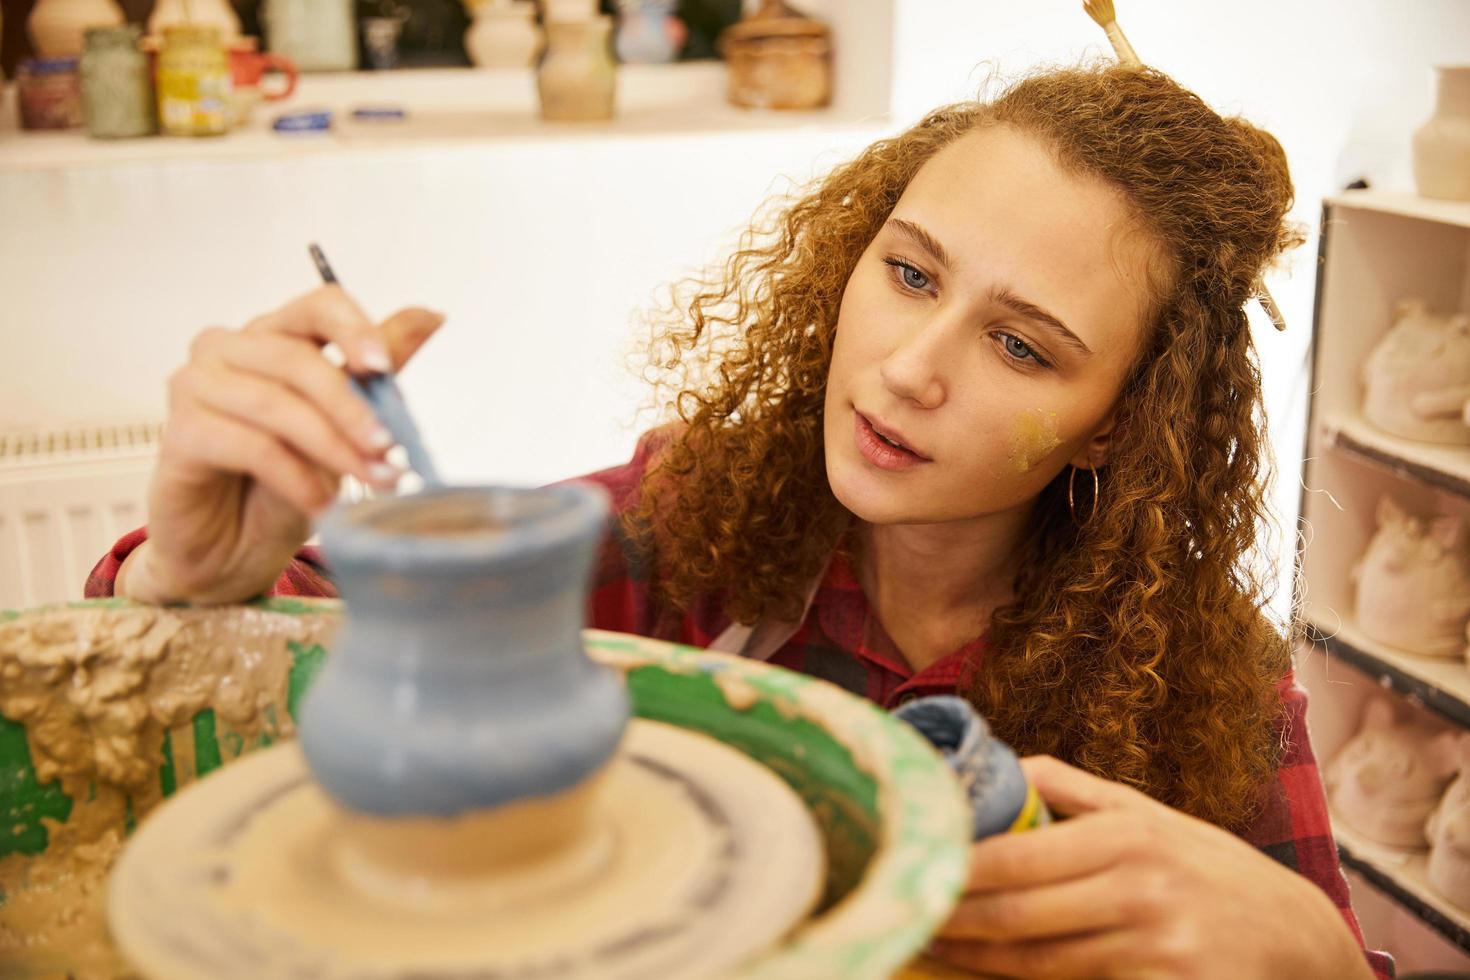 poterie peinture fille photo